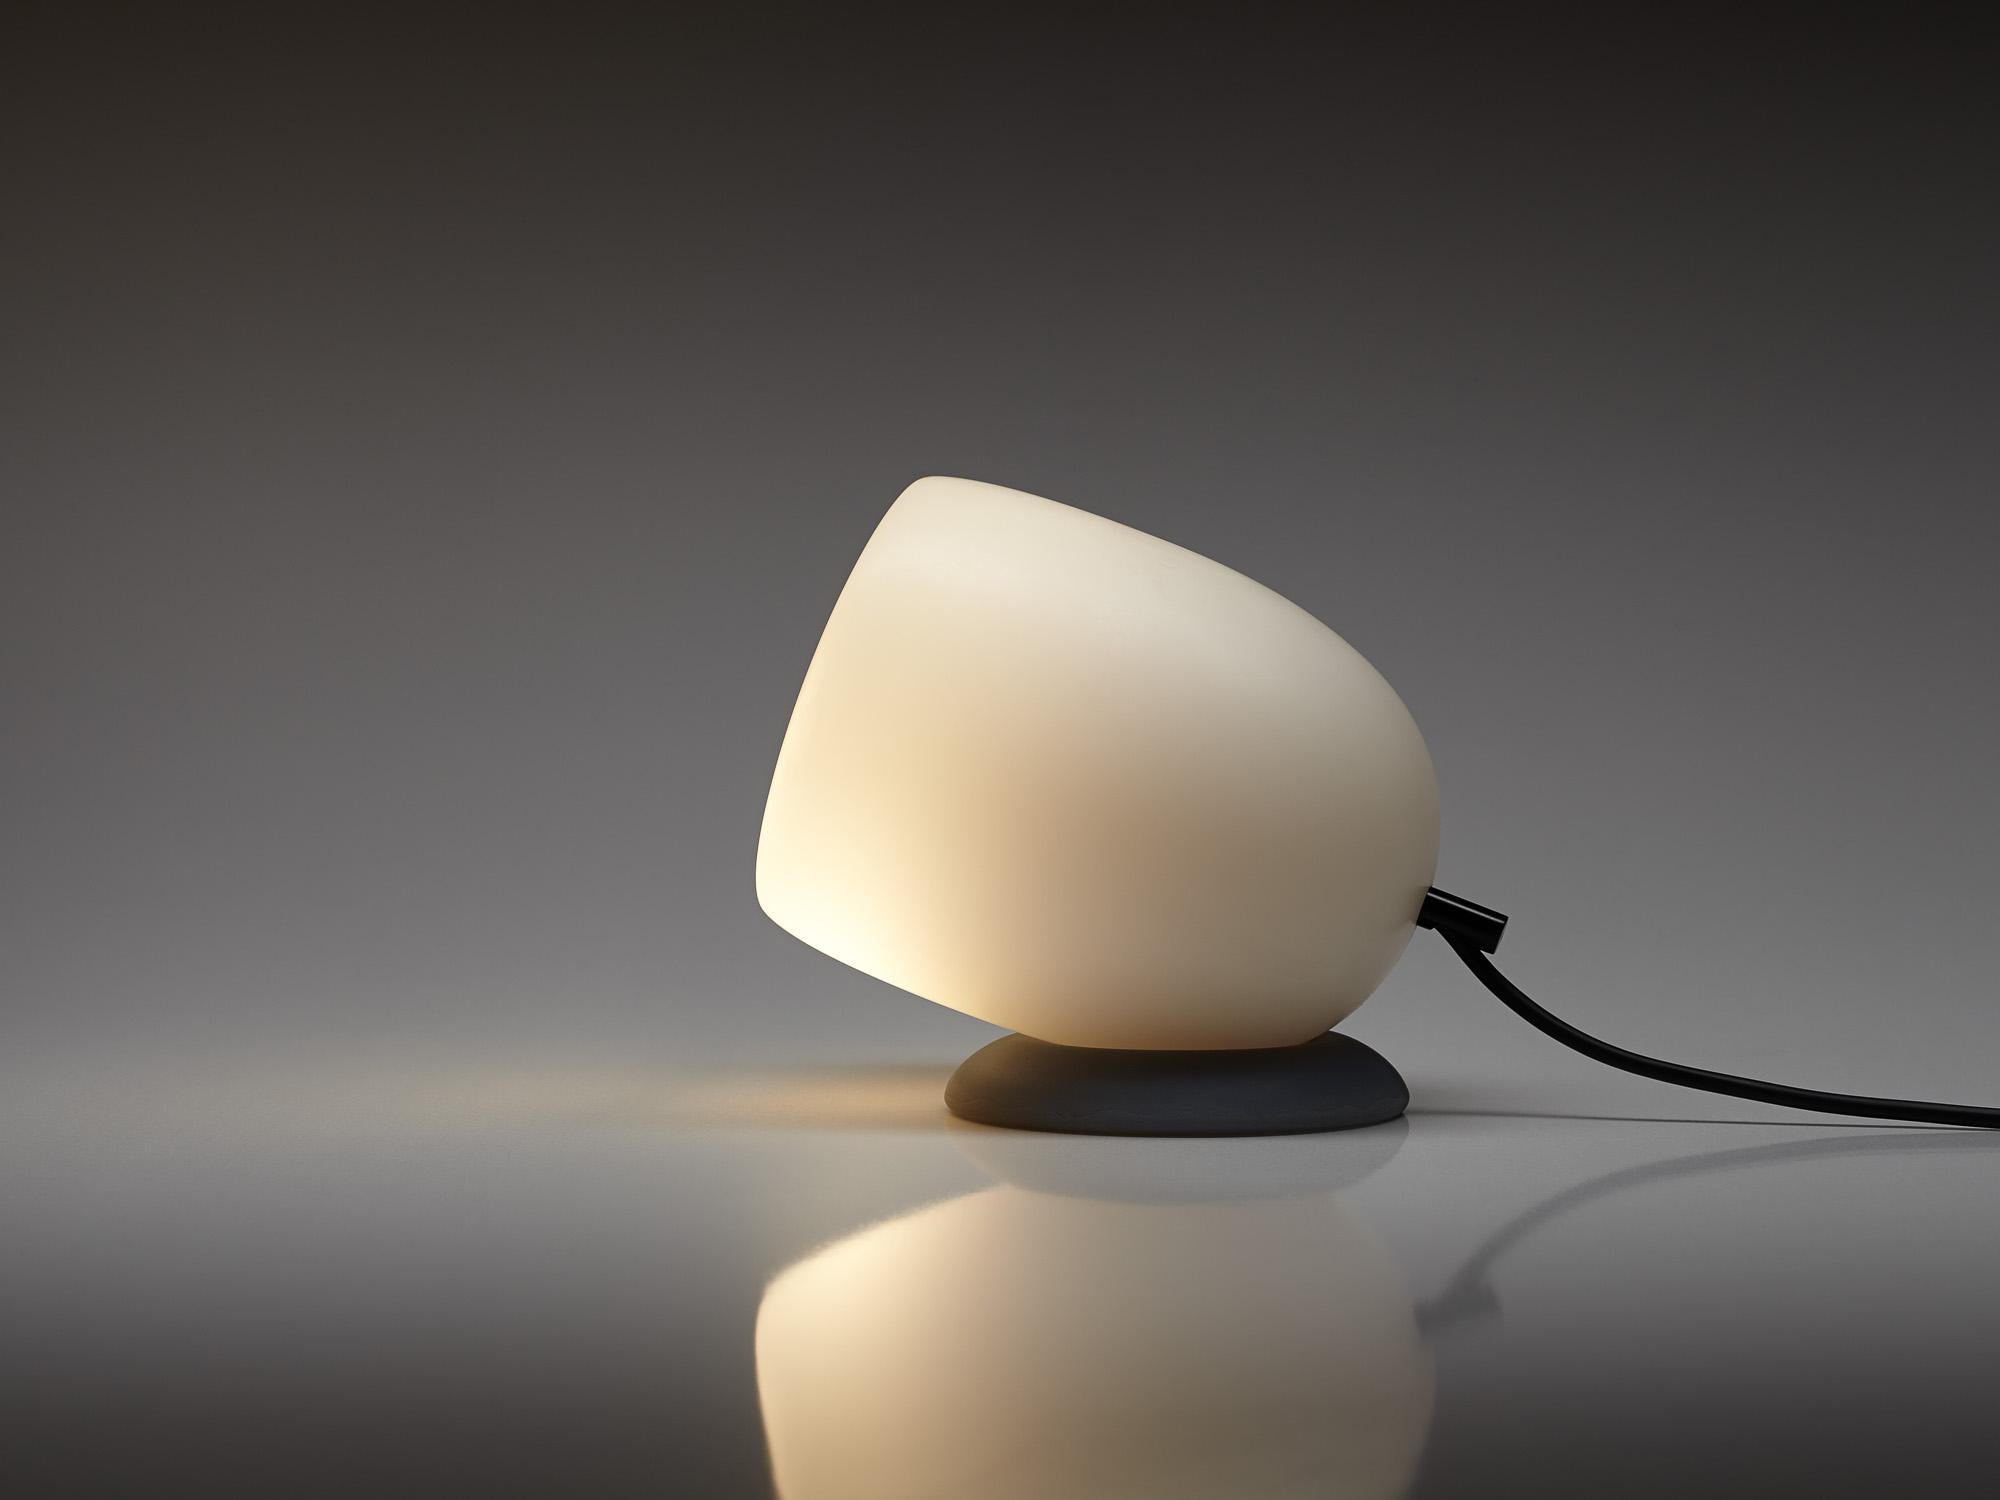 Gradient lamp by daast 001